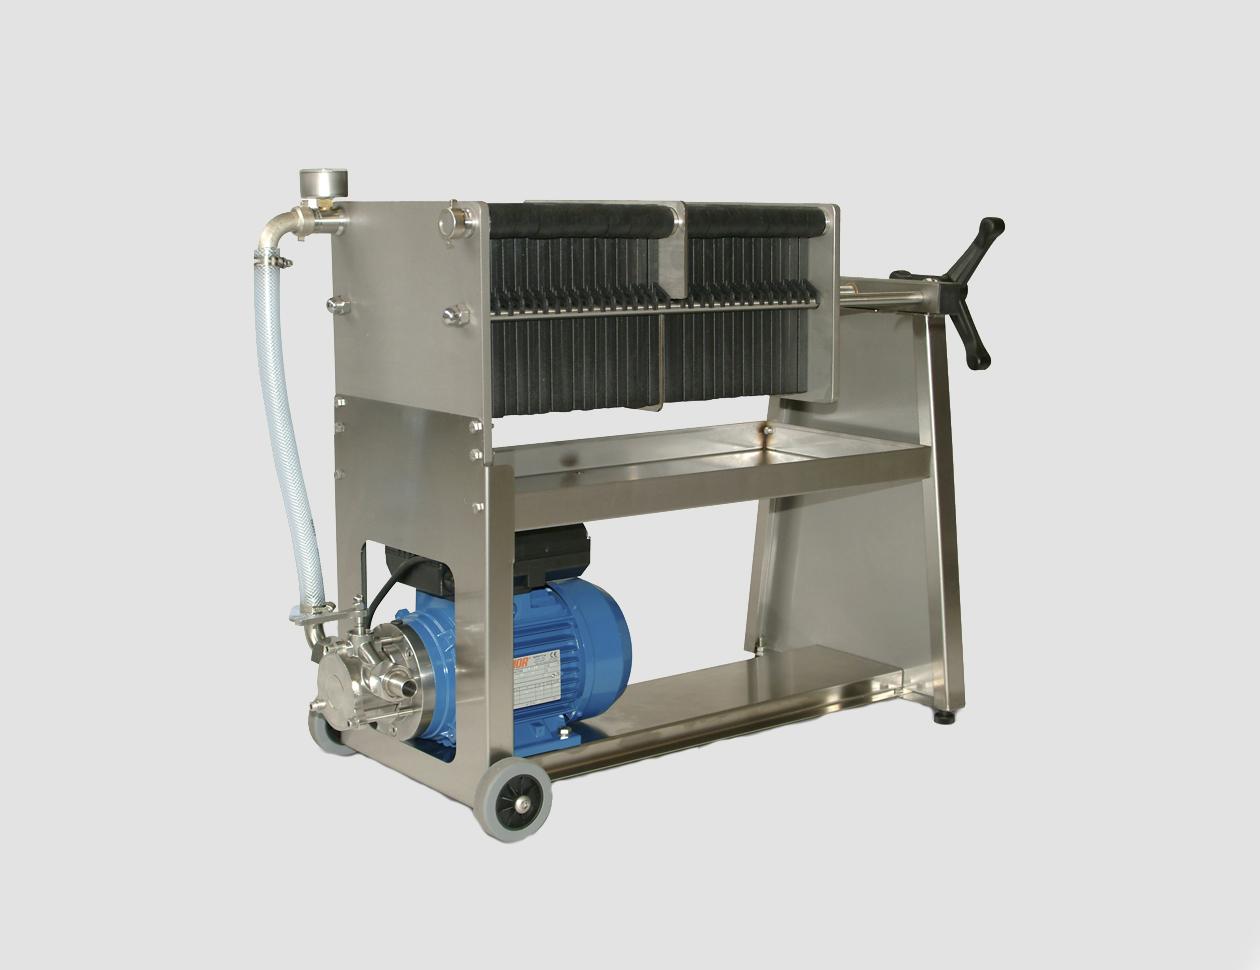 F10-20-30-40 inox con pompa Z12/25 piastra in PA66FV30 e doppia filtrazione